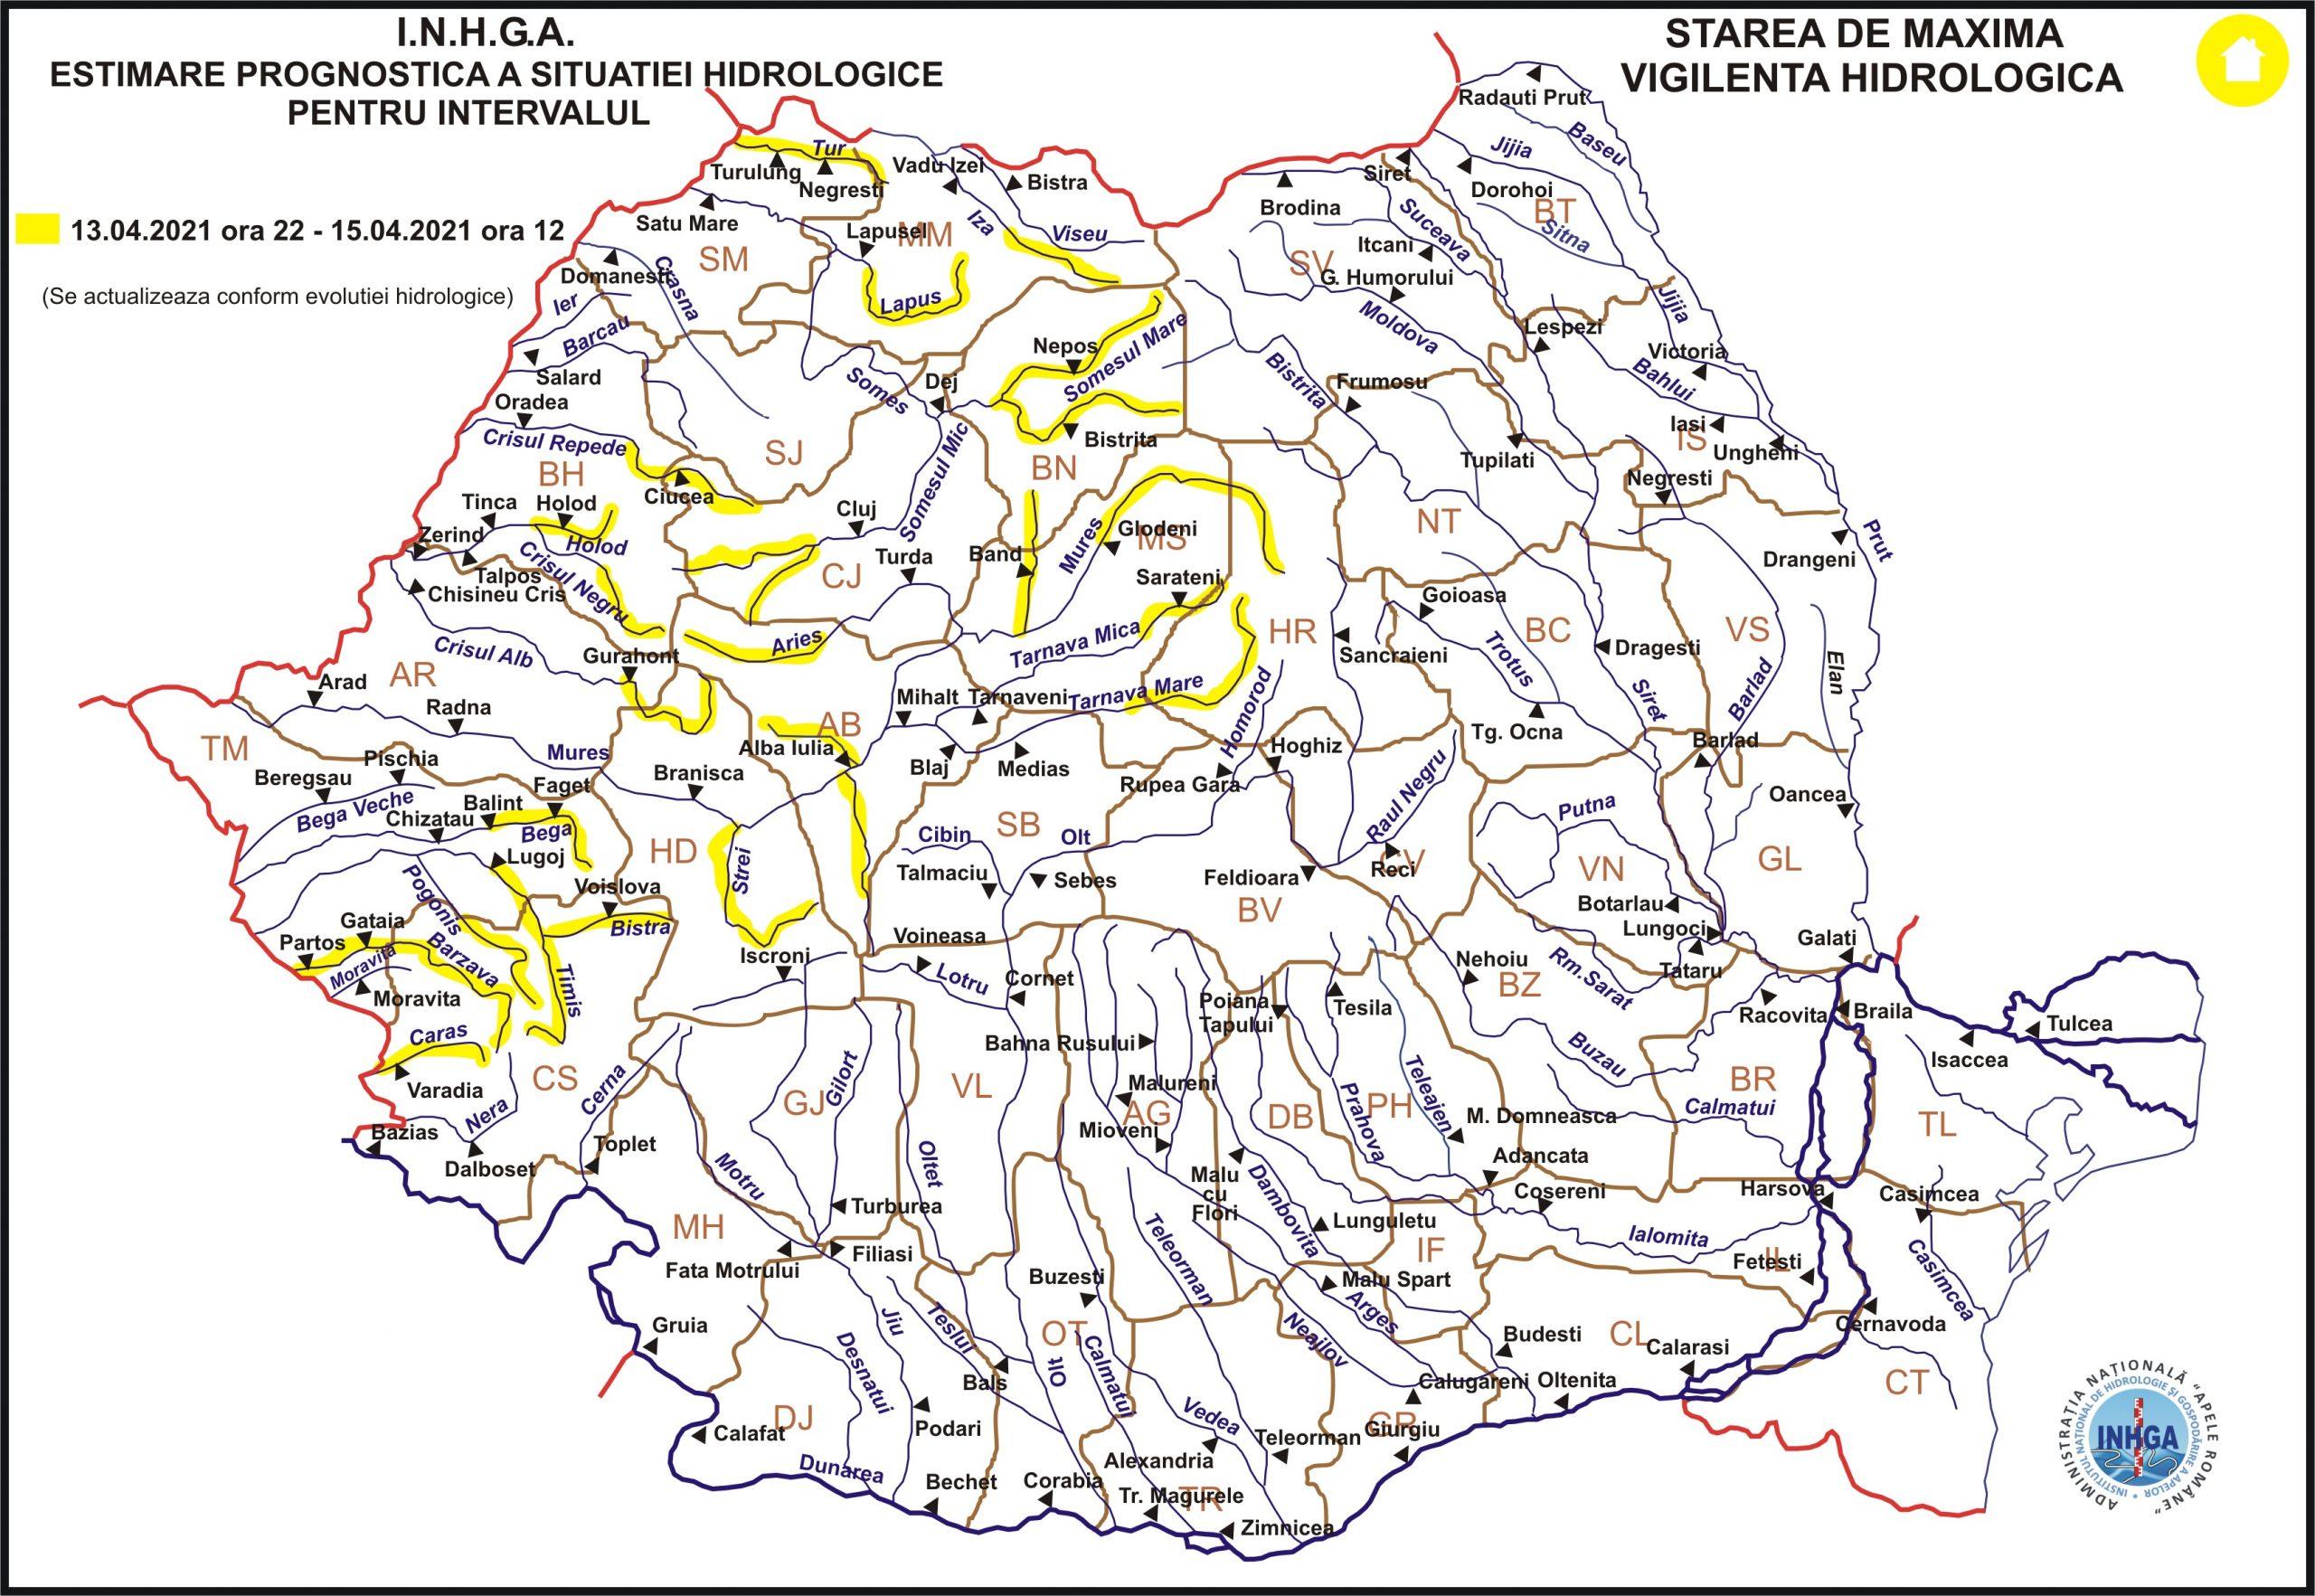 Hidrologii atenţionează: Cod galben de viituri în bazine geografice din 13 judeţe, între care şi Hunedoara